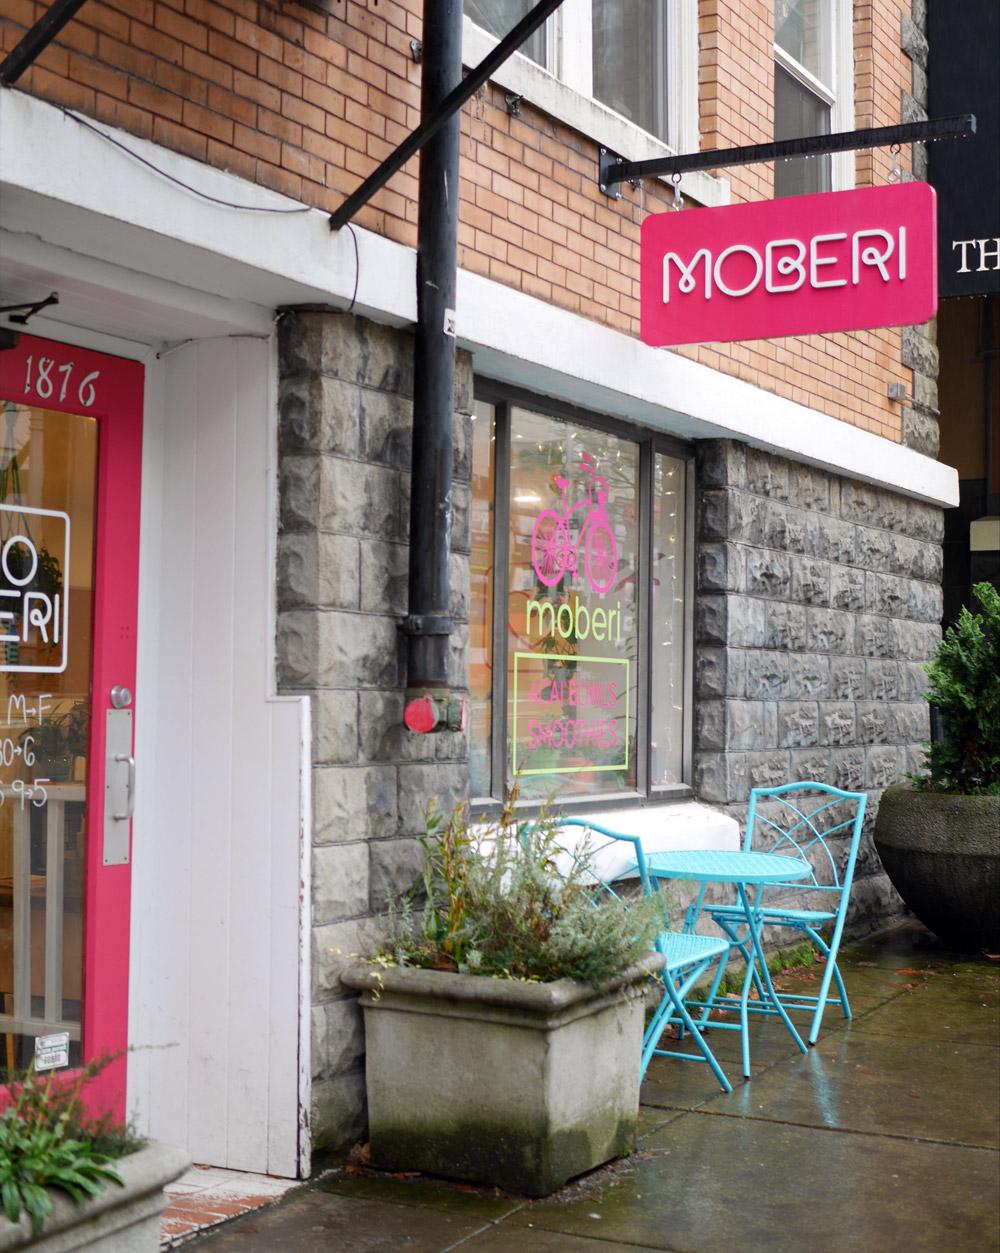 Moberi PSU Acai Bowl & Smoothie Cafe